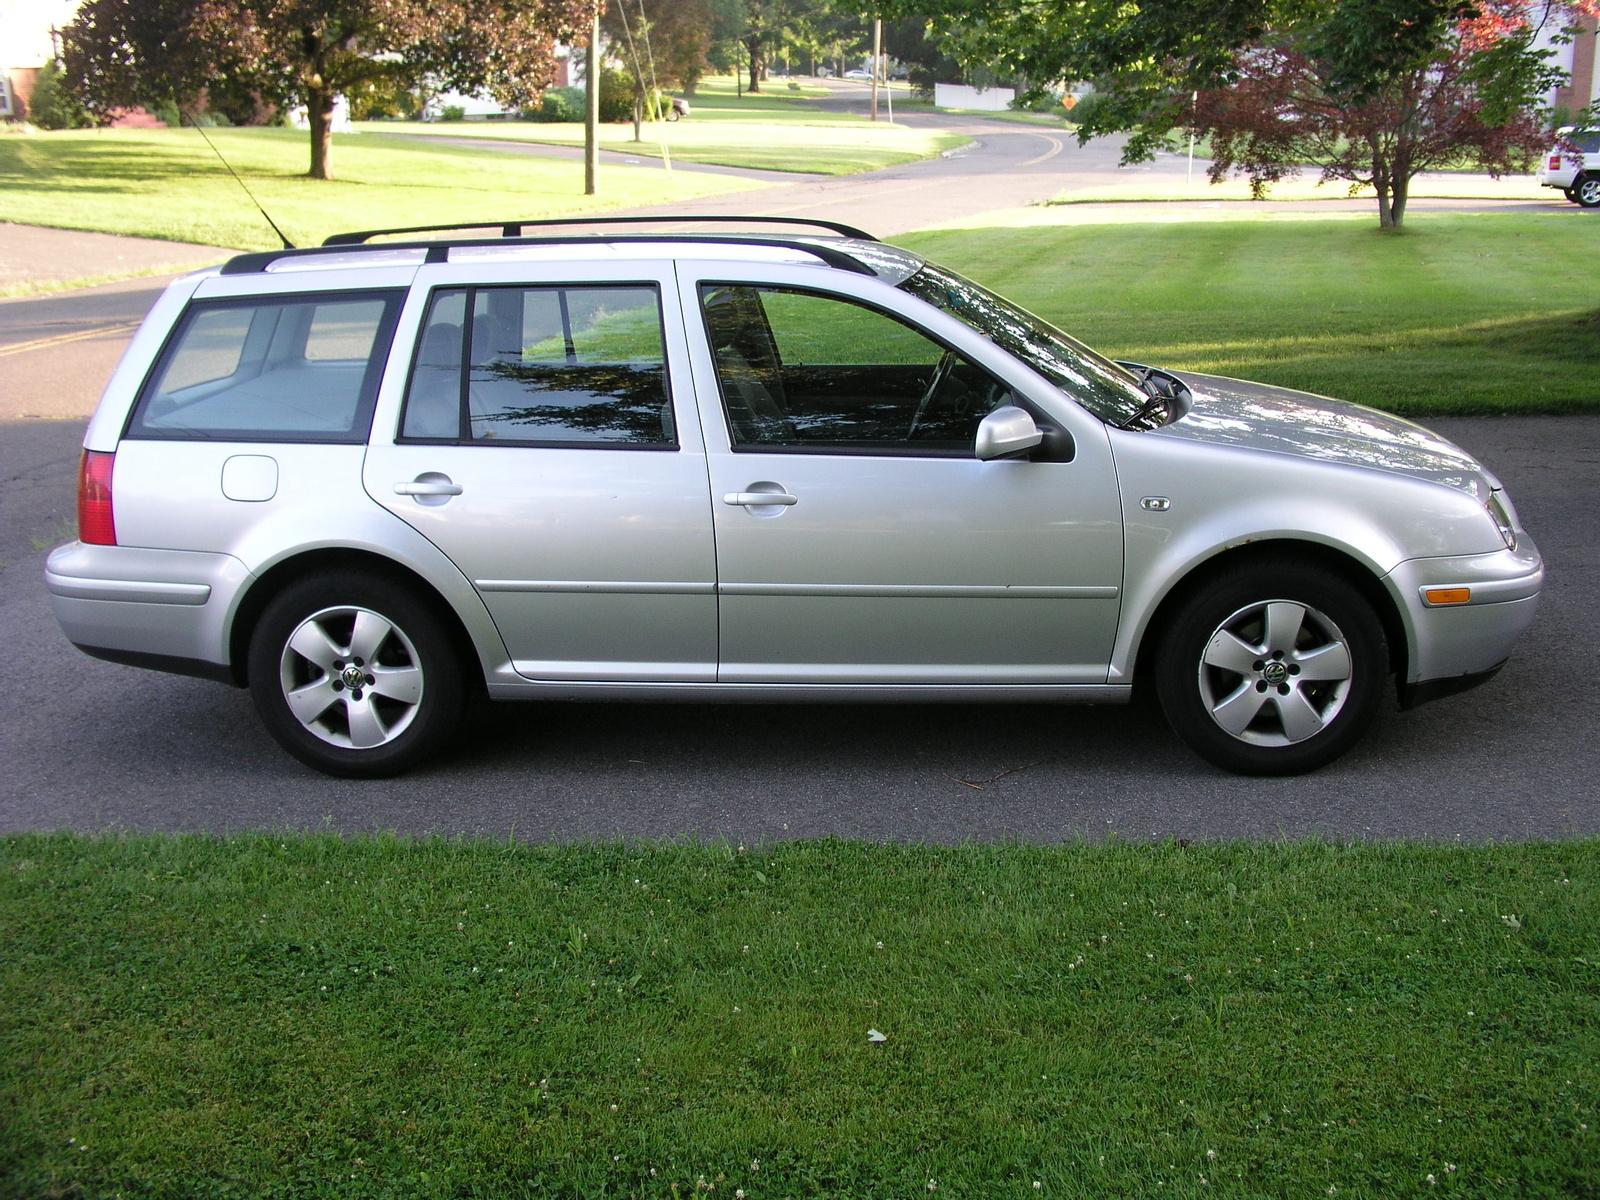 jetta 2003 volkswagen wagon tdi gl cargurus cars